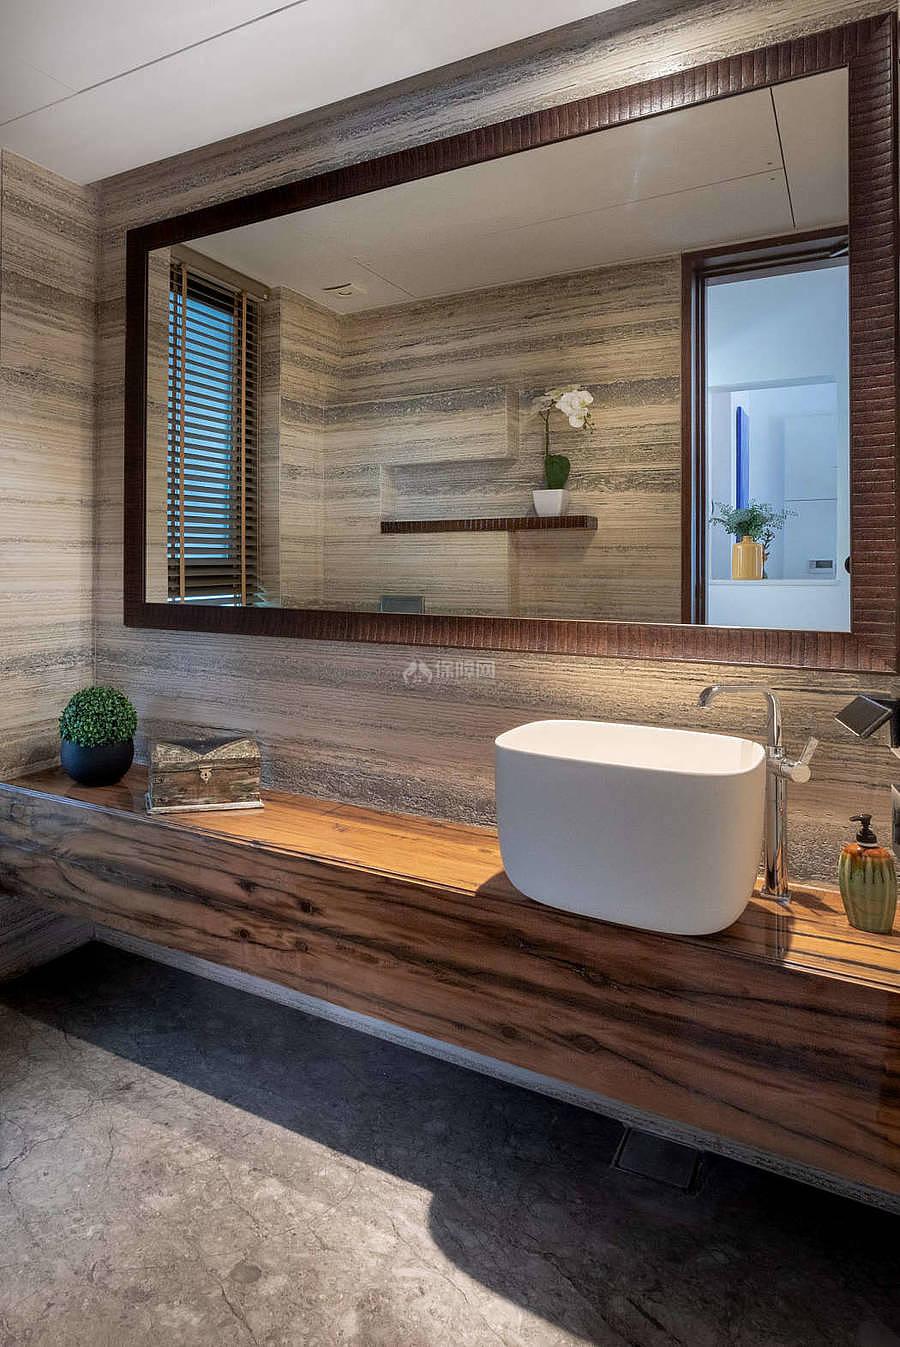 莫里克万怡酒店之卫生间洗手台设计效果图